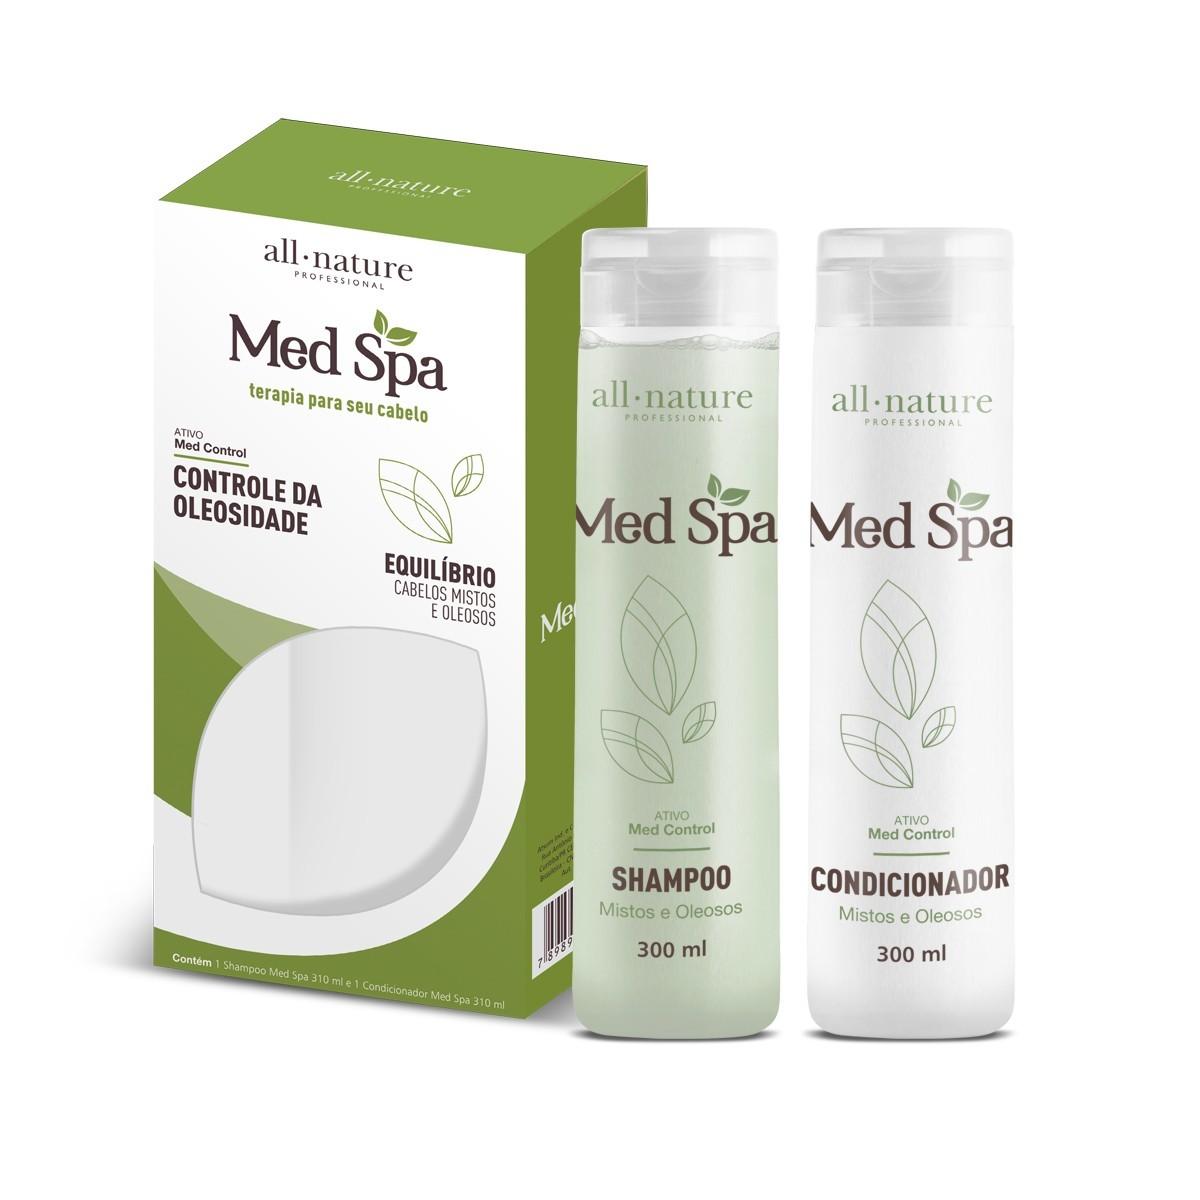 Kit Manutenção Med Spa Shampoo e Condicionador 310ml - All Nature